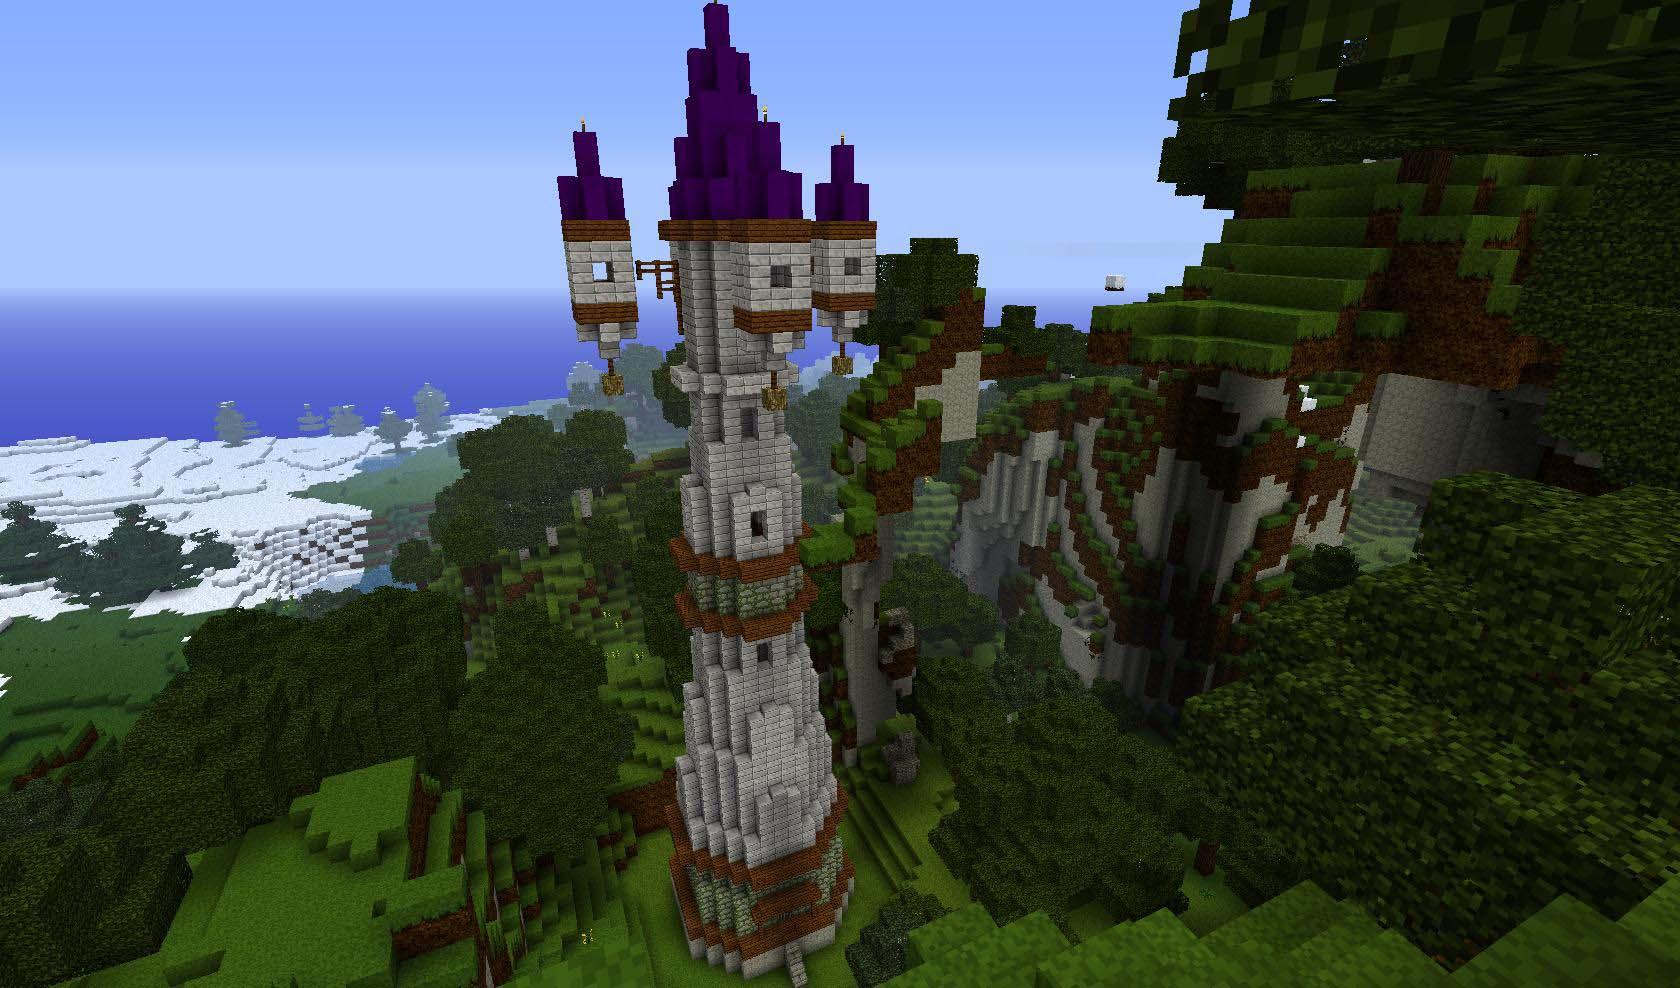 Những hình đẹp trong minecraft